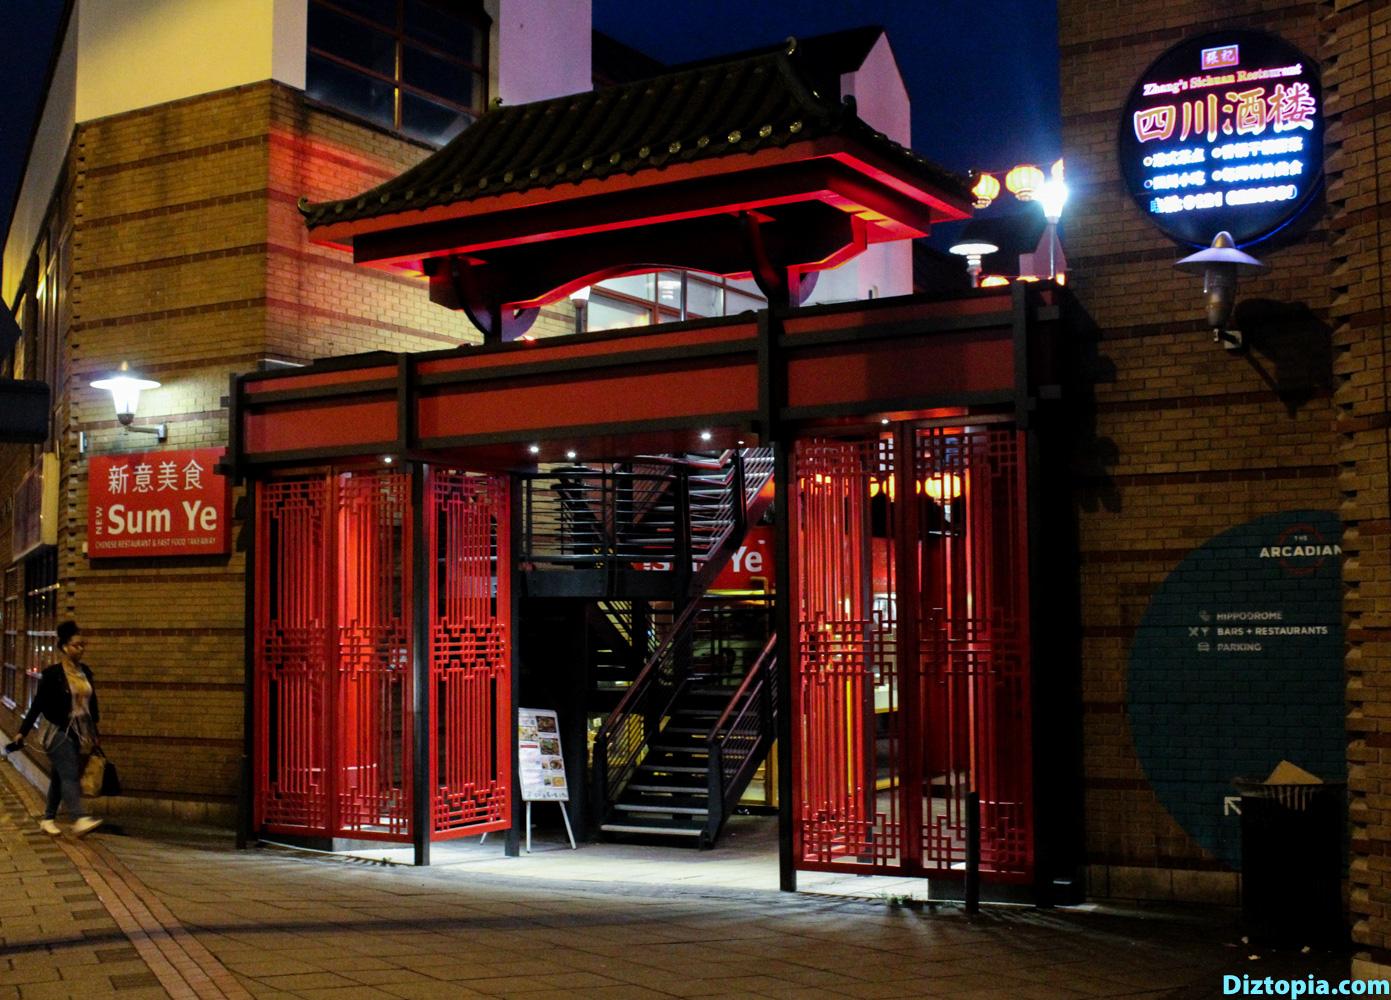 Birmingham-Canal-City-Diztopia-Photography-Night-Dizma-Dahl-China-Town-UK-Blog-6